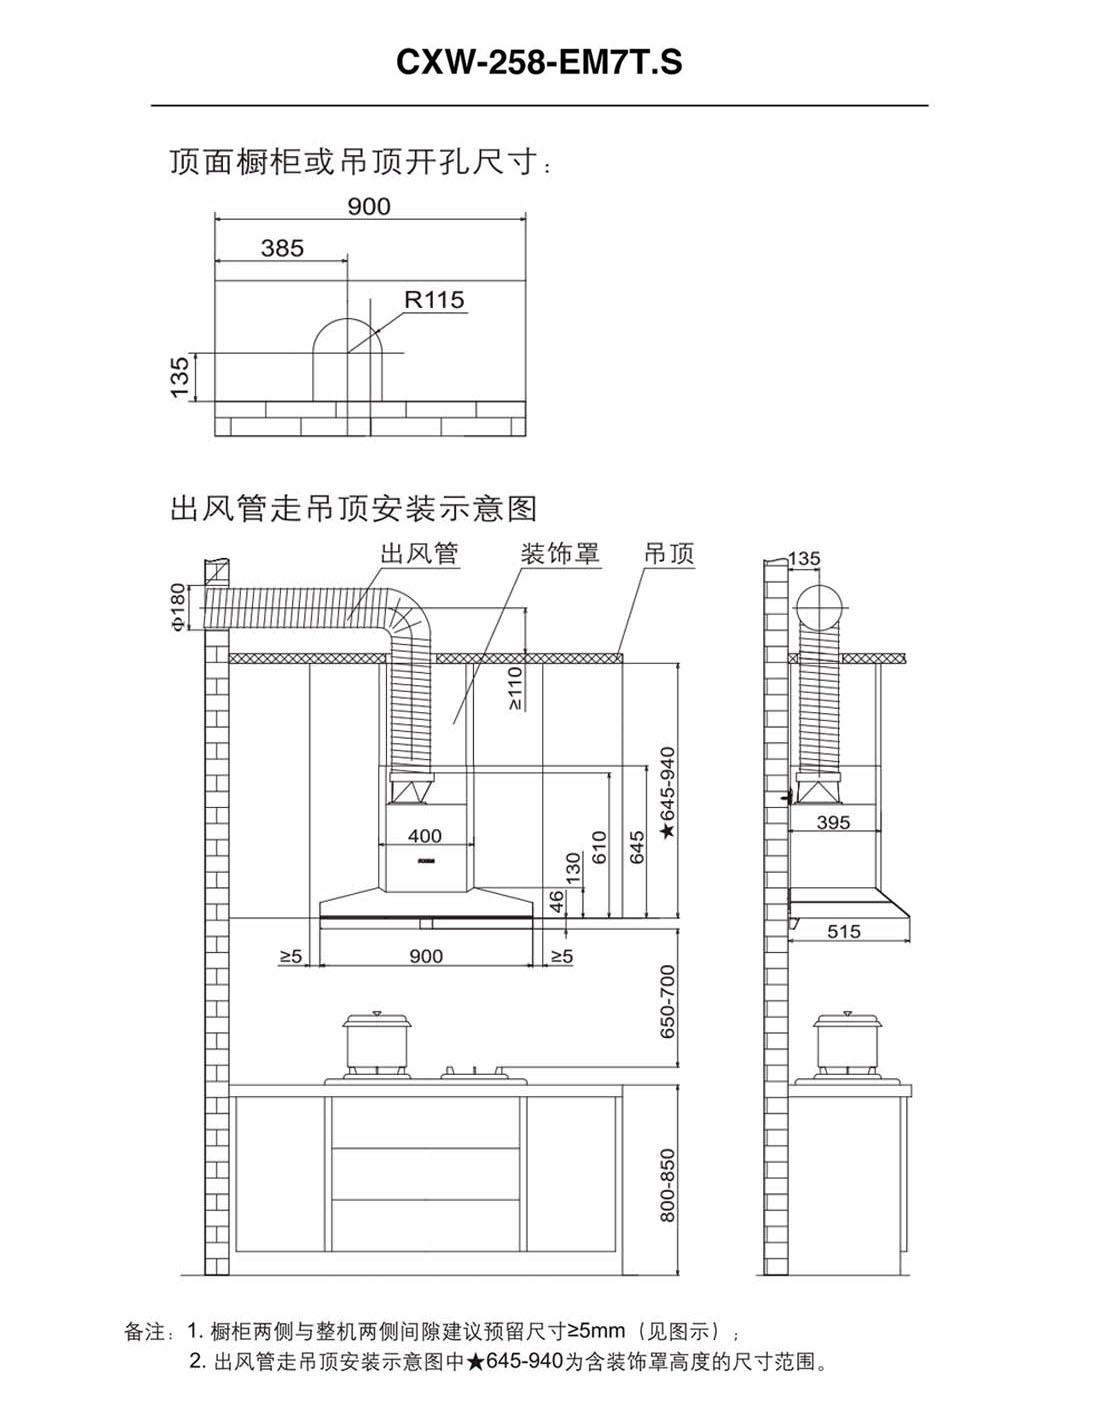 方太CXW-258-EM7T.S安装示意图